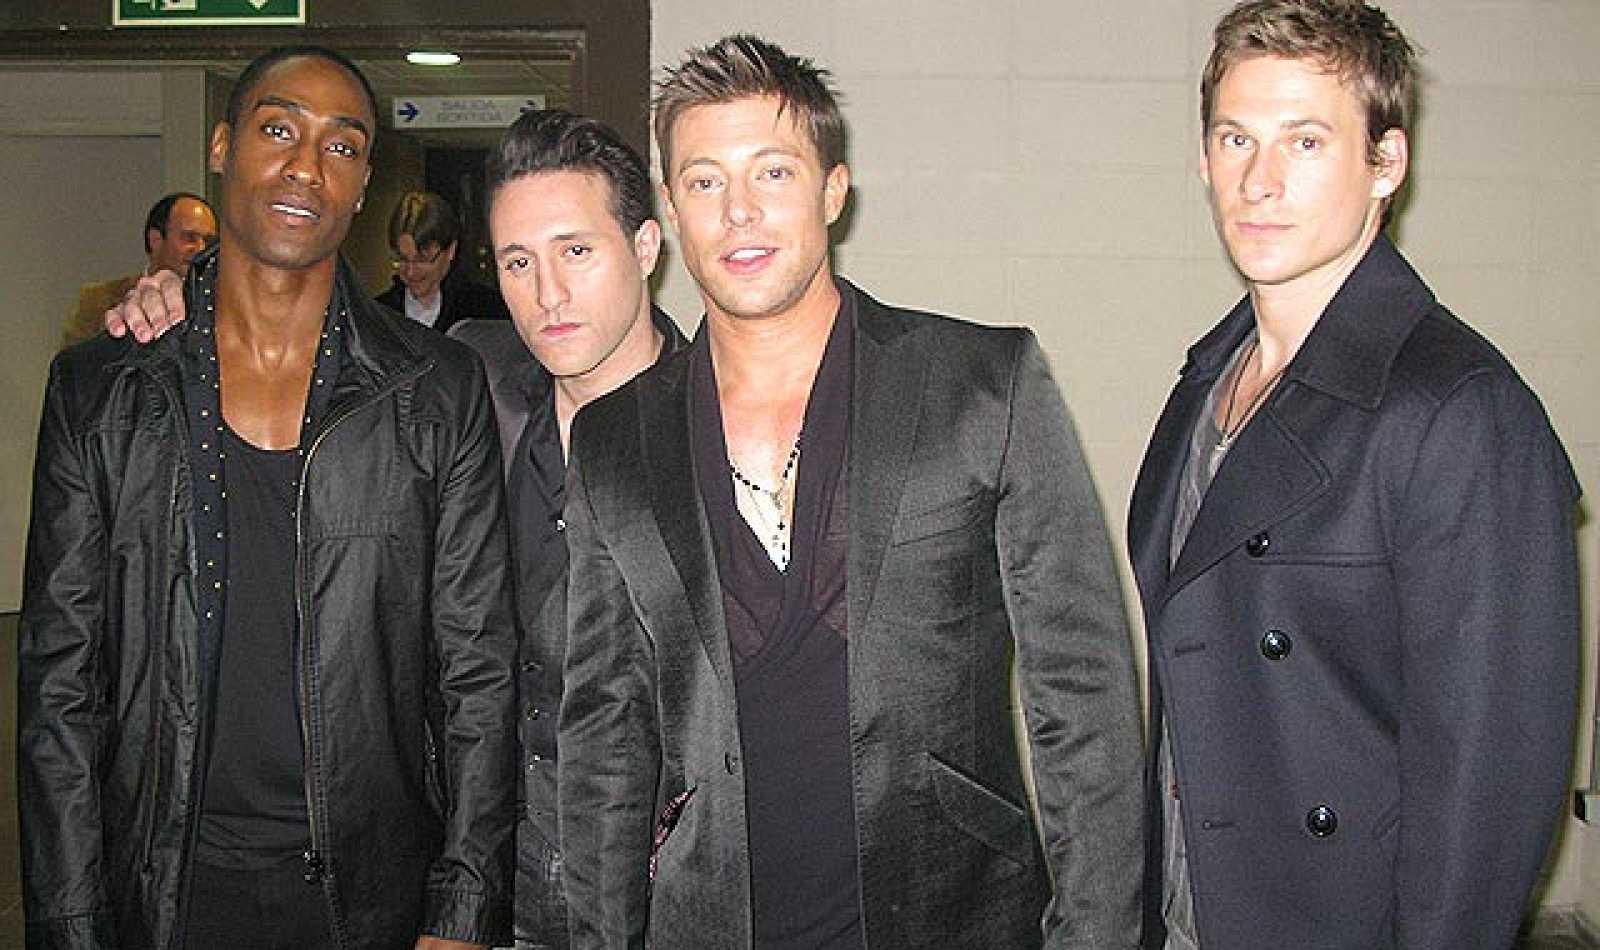 Los representantes británicos en Eurovisión 2011, Blue, han estado en Destino Eurovisión para interpretar su tema 'Breathe easy' .